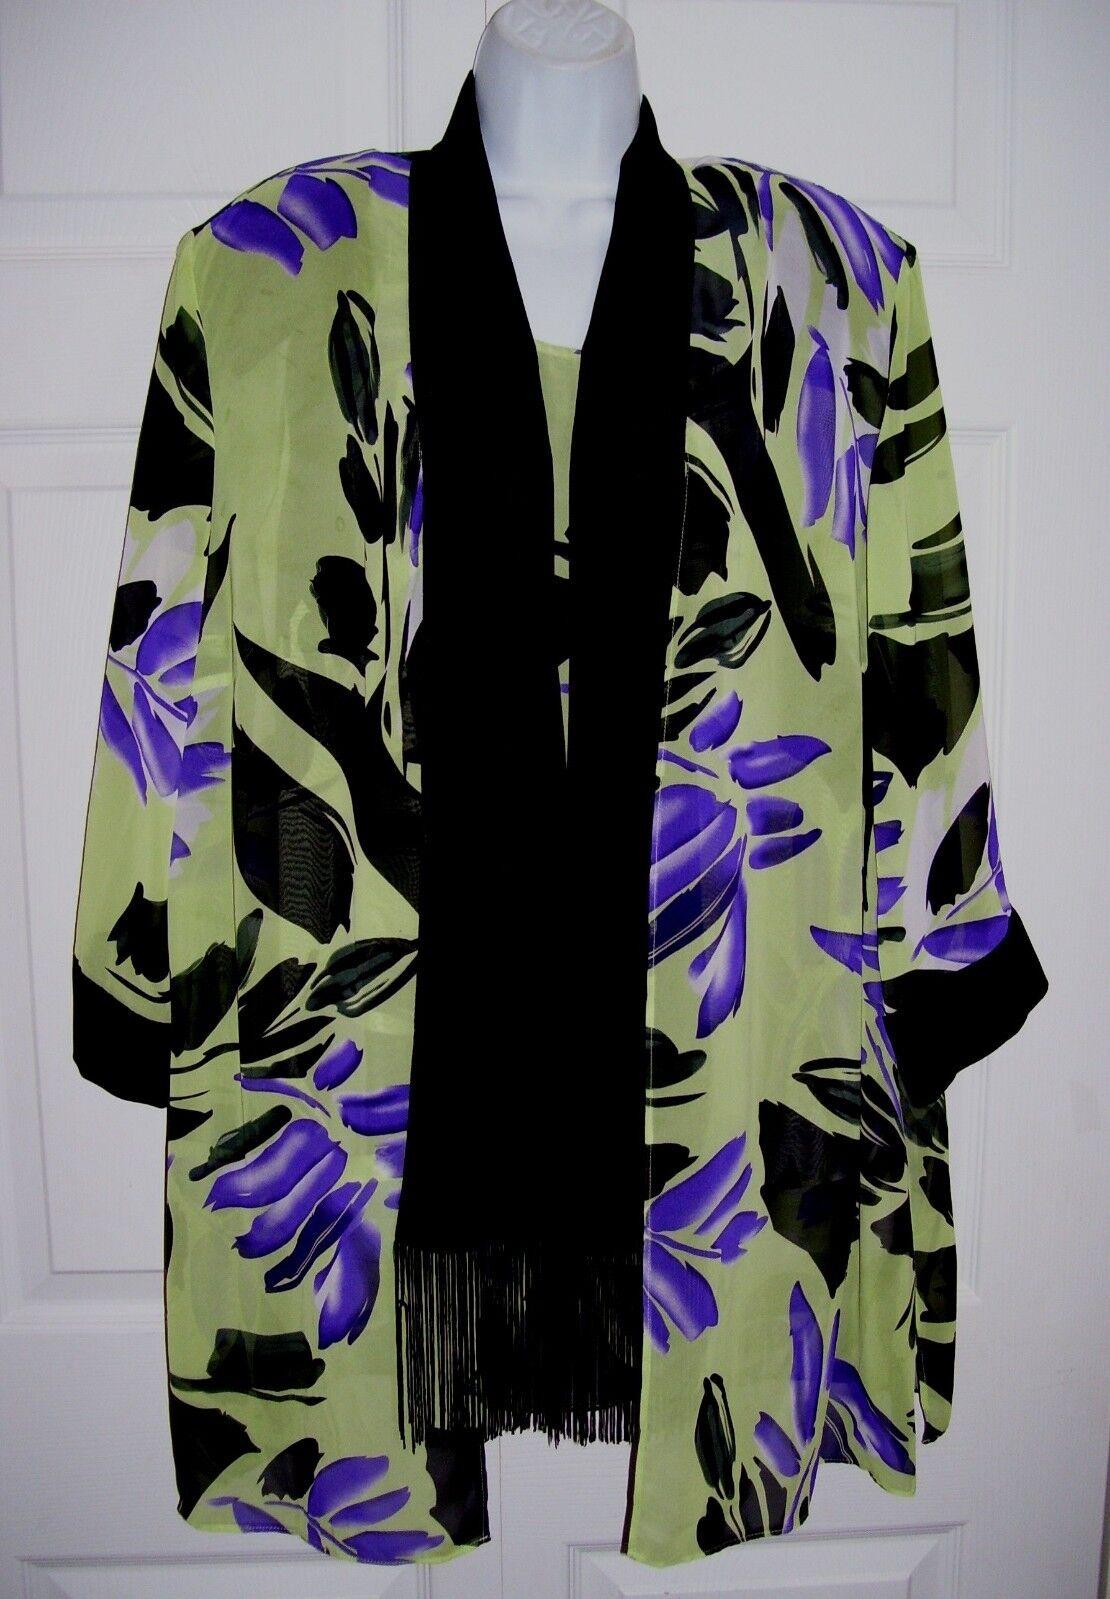 Dana Kay 2X damen's  22W Jacket & Camisole Grün lila schwarz Flower RV